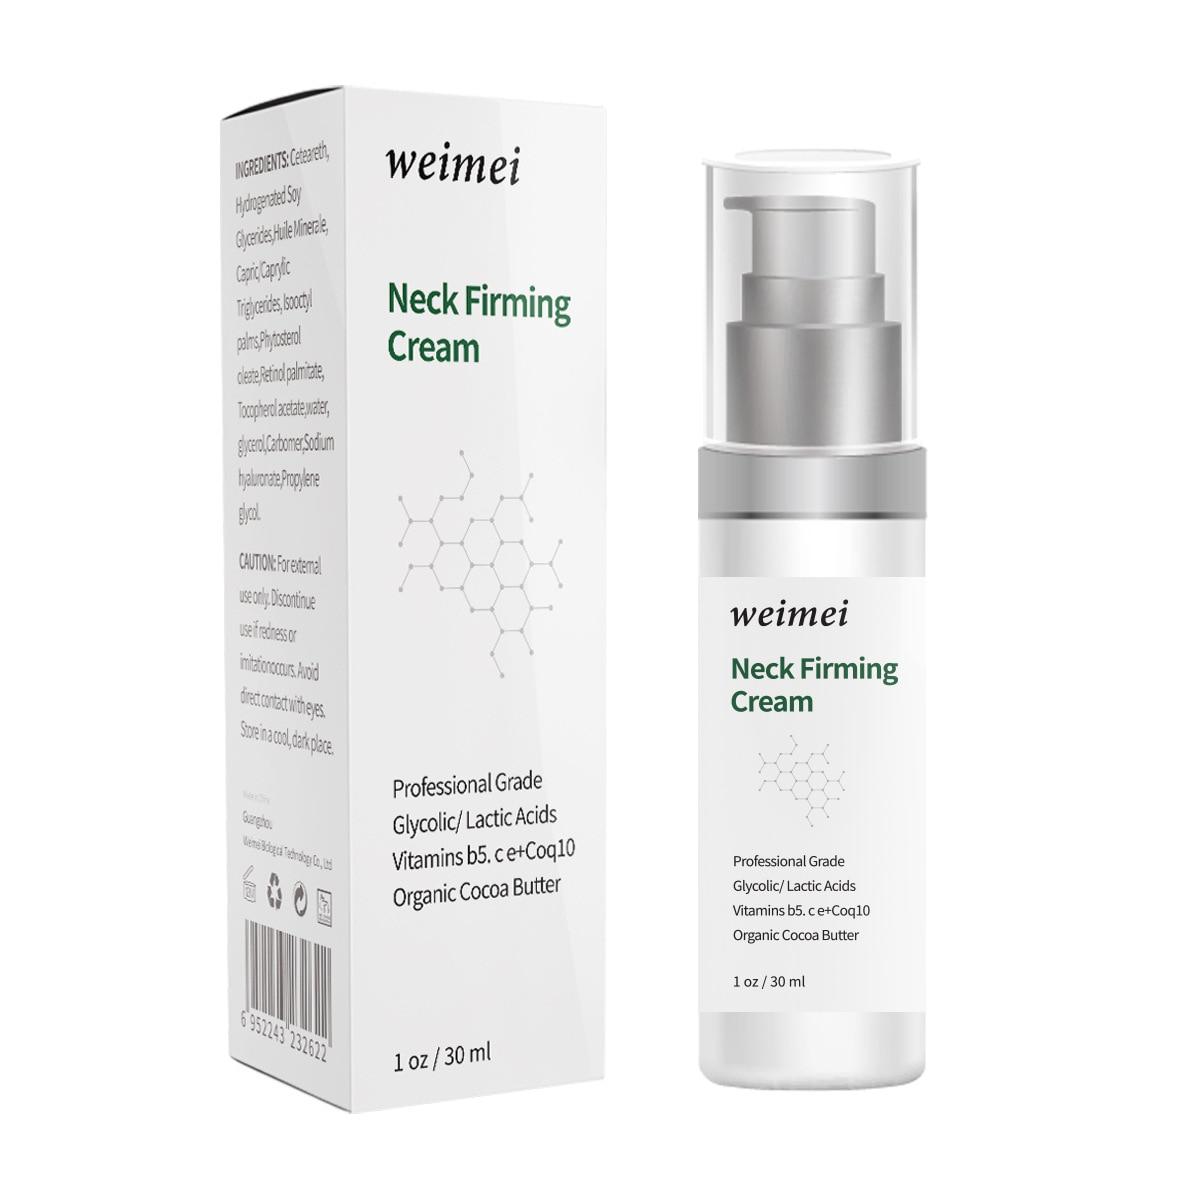 Neck Cream Skin Care Anti wrinkle Whitening Moisturizing Firming Neck Care 100g Skincare Health Neck Cream For Women